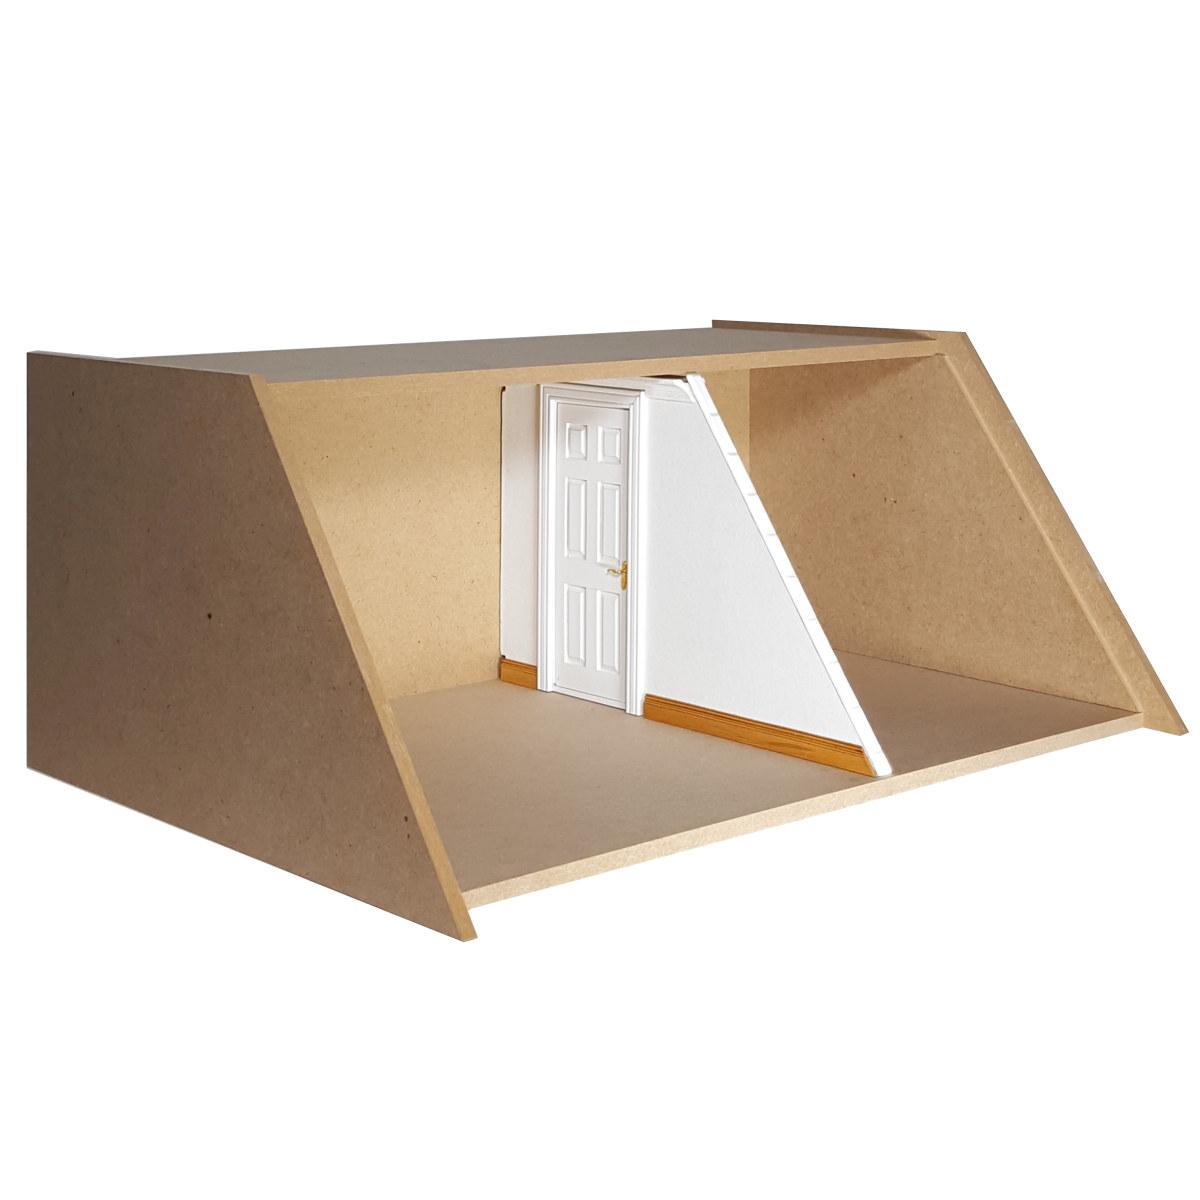 Trennwand mit Türausschnitt für MODUL BOX Dachgeschoss